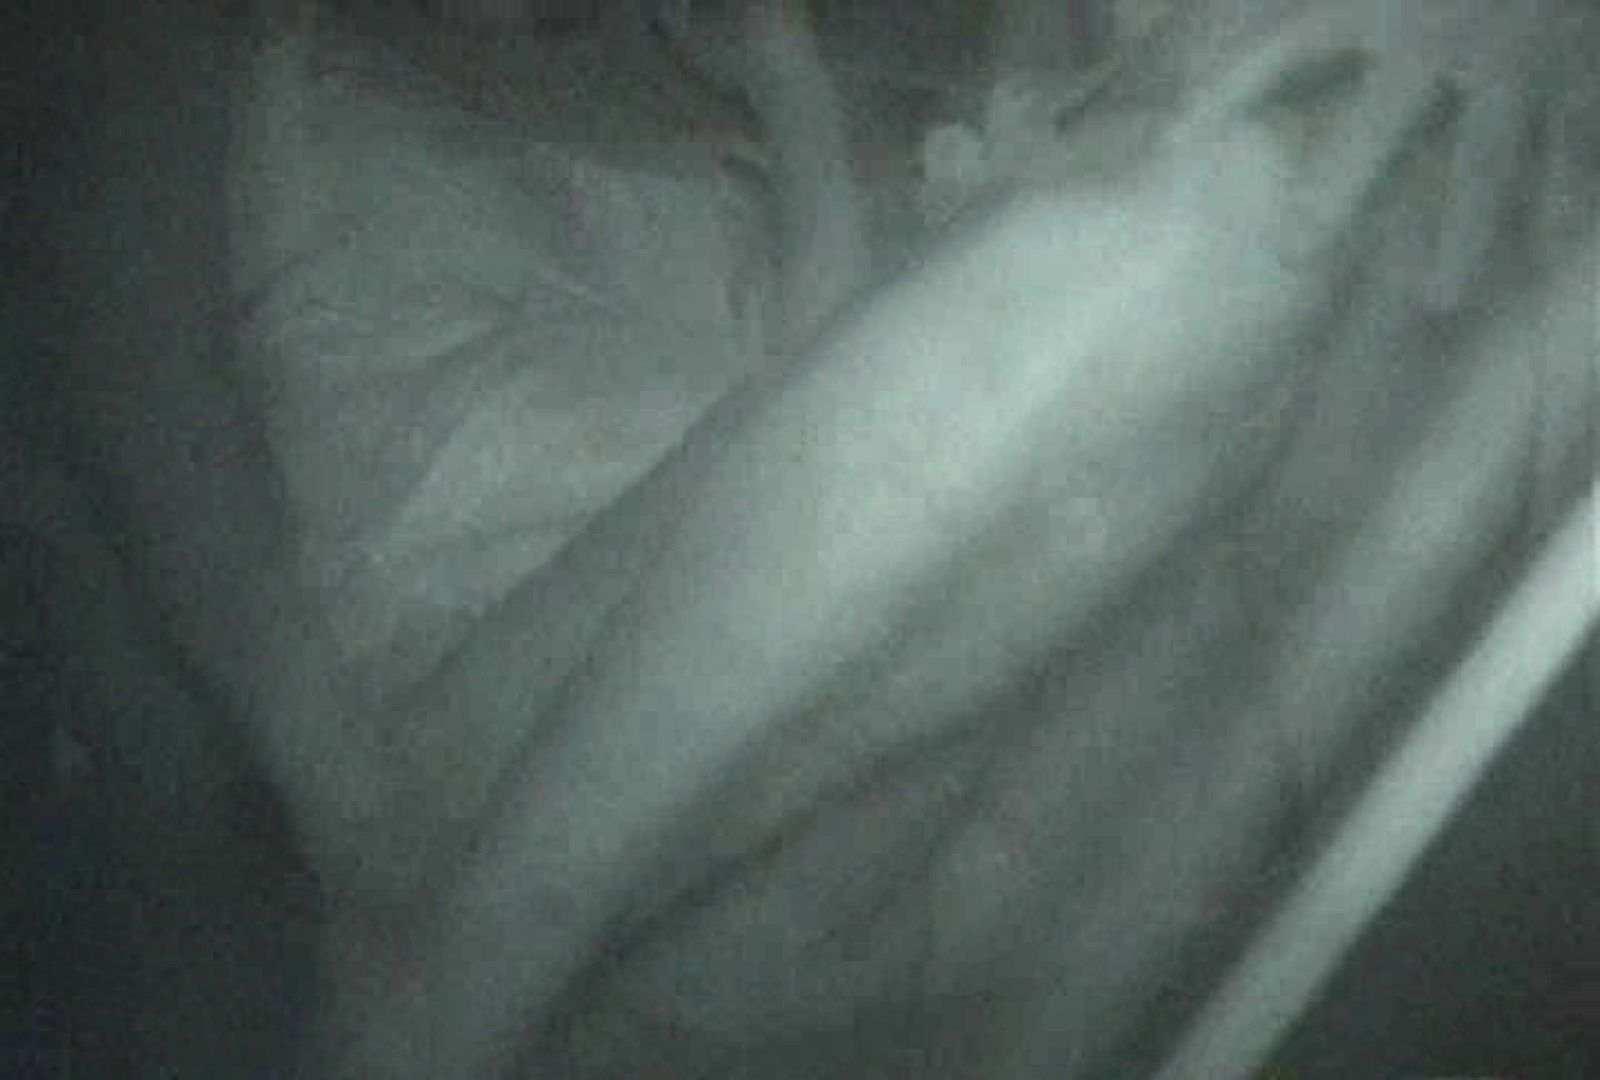 充血監督の深夜の運動会Vol.47 美しいOLの裸体 オメコ無修正動画無料 72pic 65